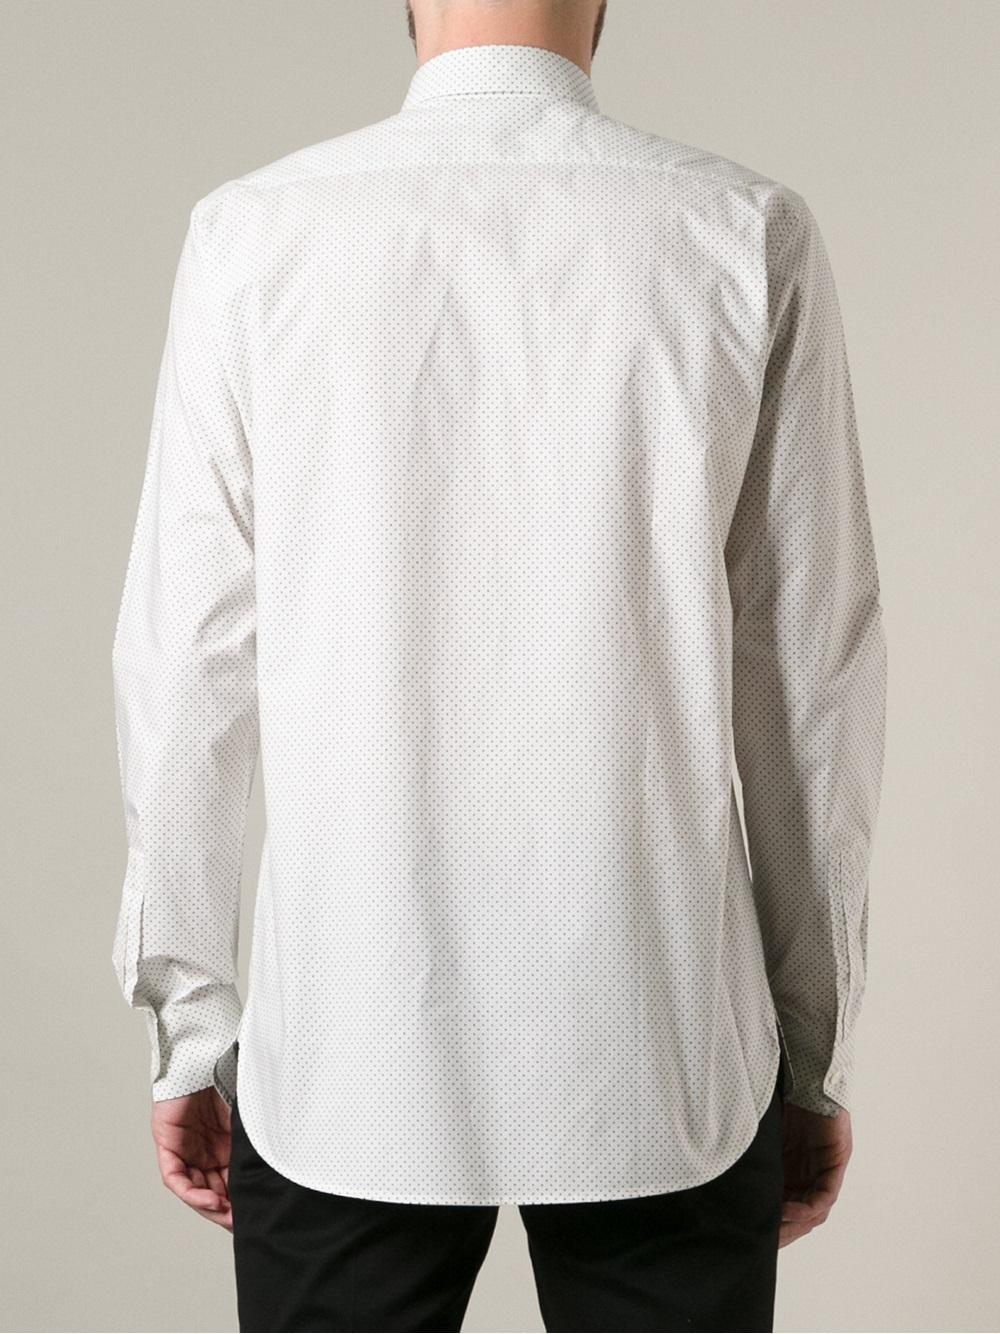 035d5d86bba6c Saint Laurent Micro Polka Dot Print Shirt in White for Men - Lyst